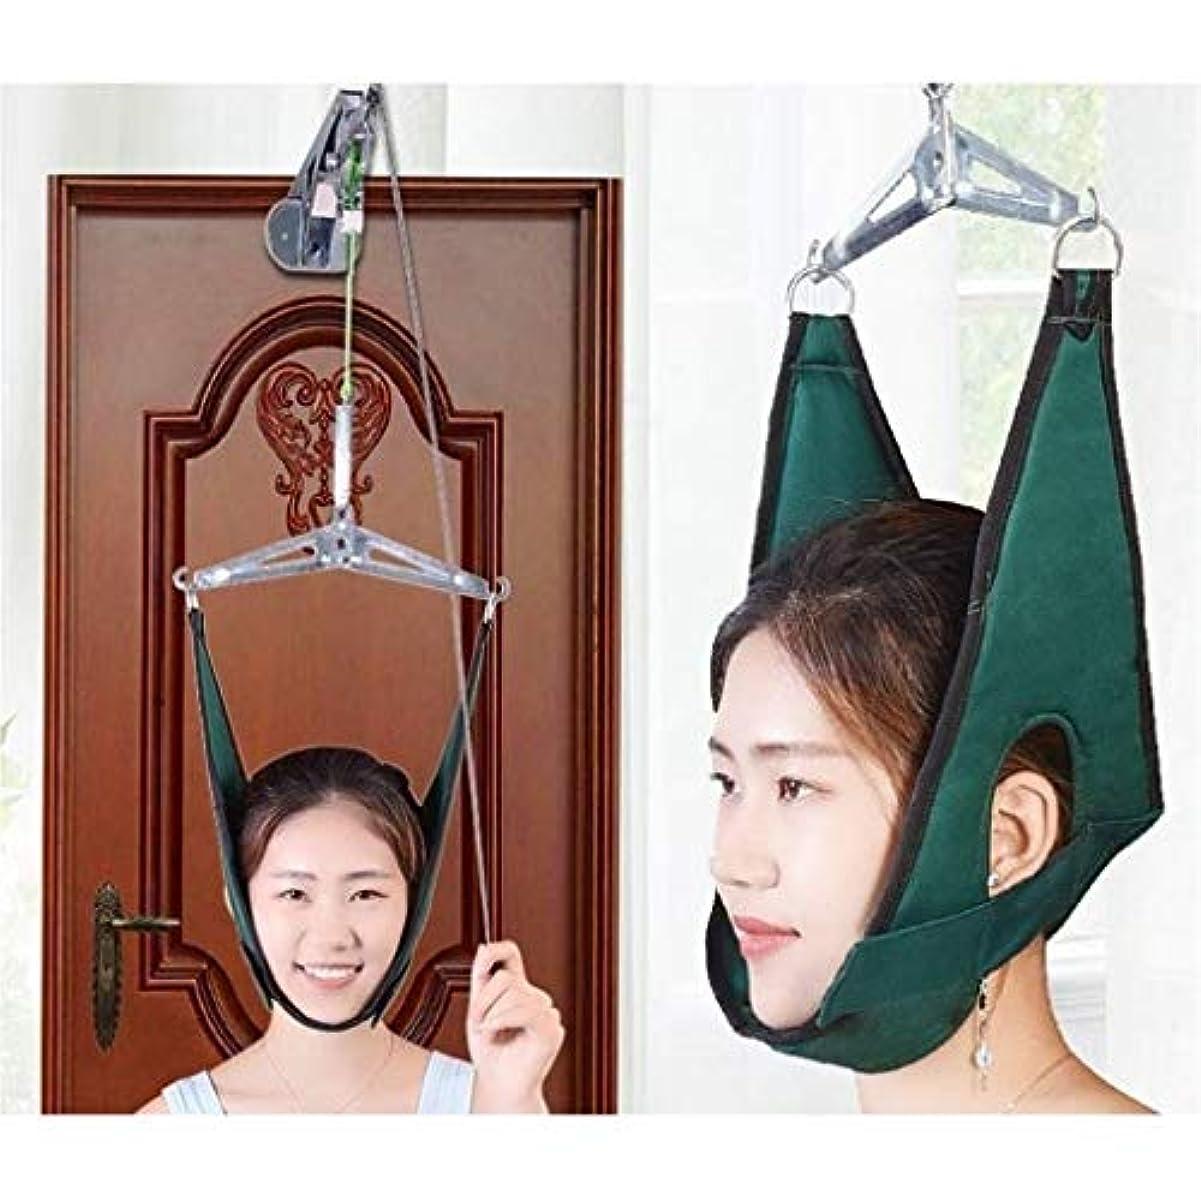 弱めるリスク不合格頸部牽引装置、頸部頸部牽引装置、首マッサージ器、治療器具、歯列矯正用首の痛みの緩和